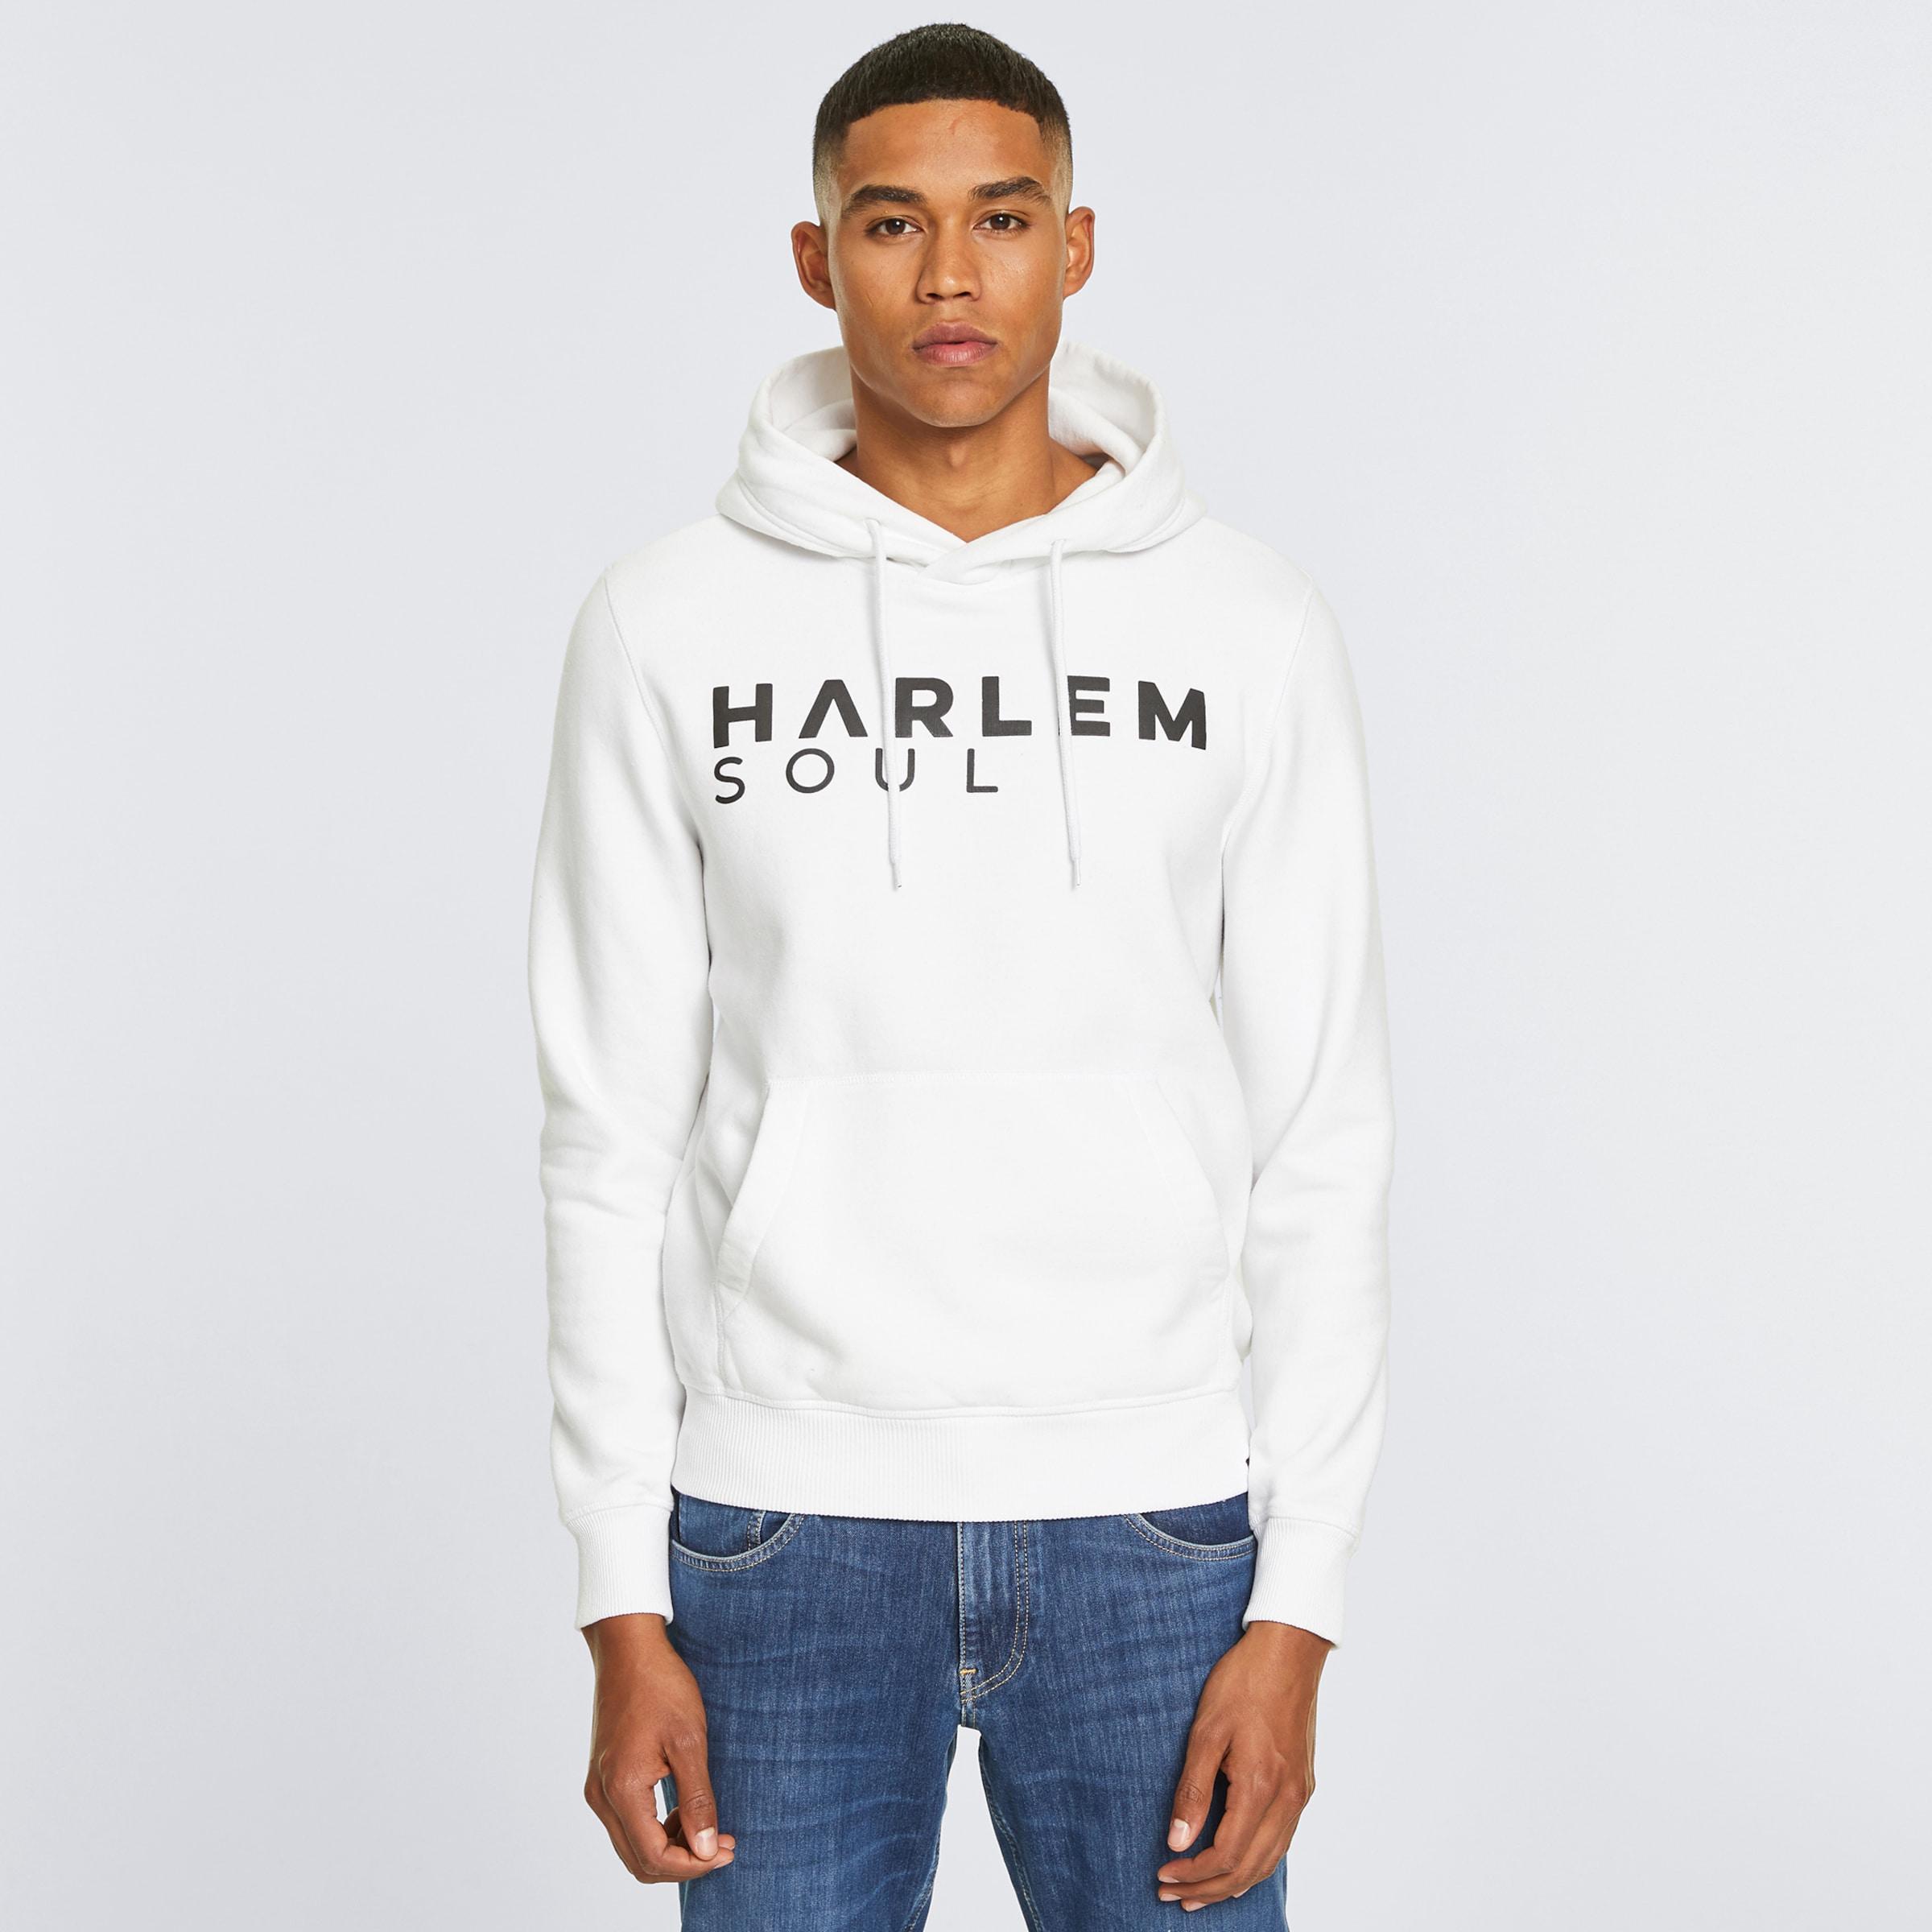 Harlem Soul Hoodie 'To-Kyo' in weiß Logoprint I00045244WHI0001L